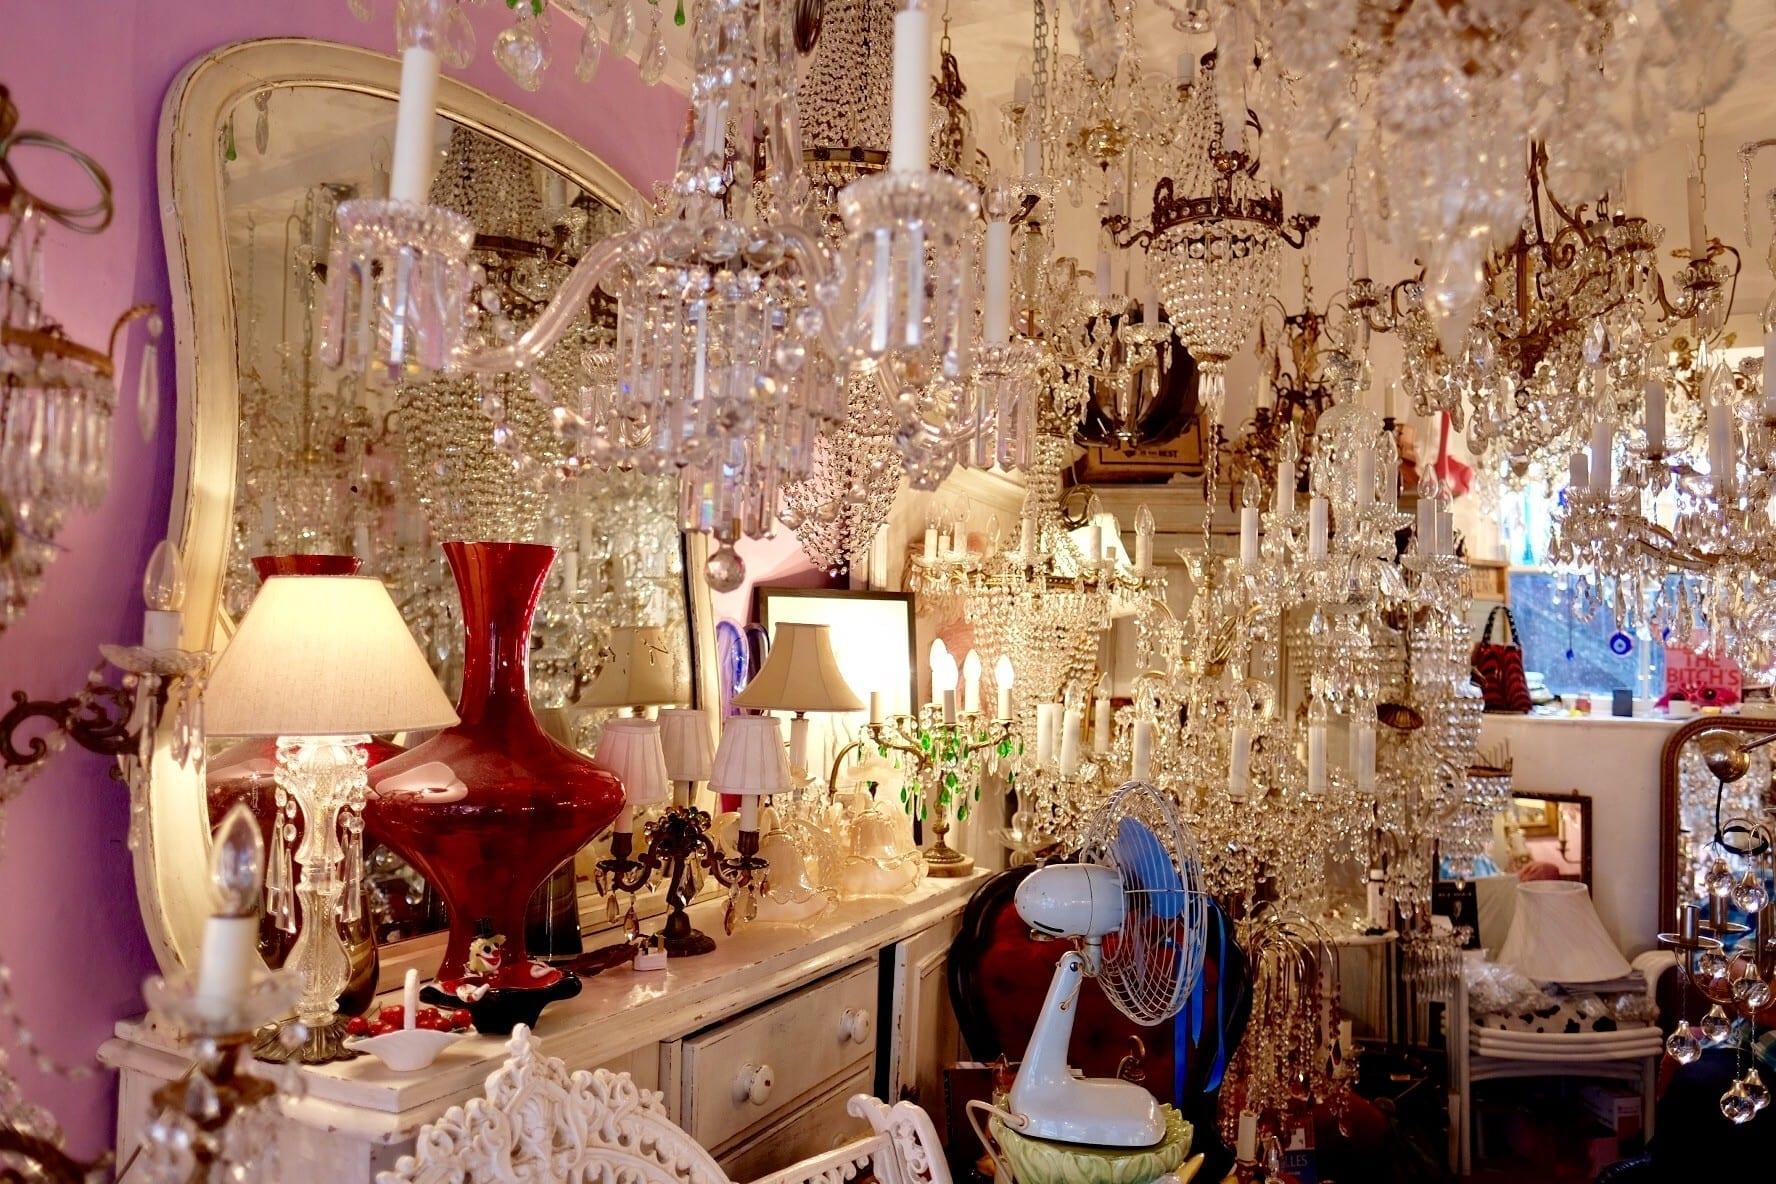 Chandelier Store, Haye-on-Wye